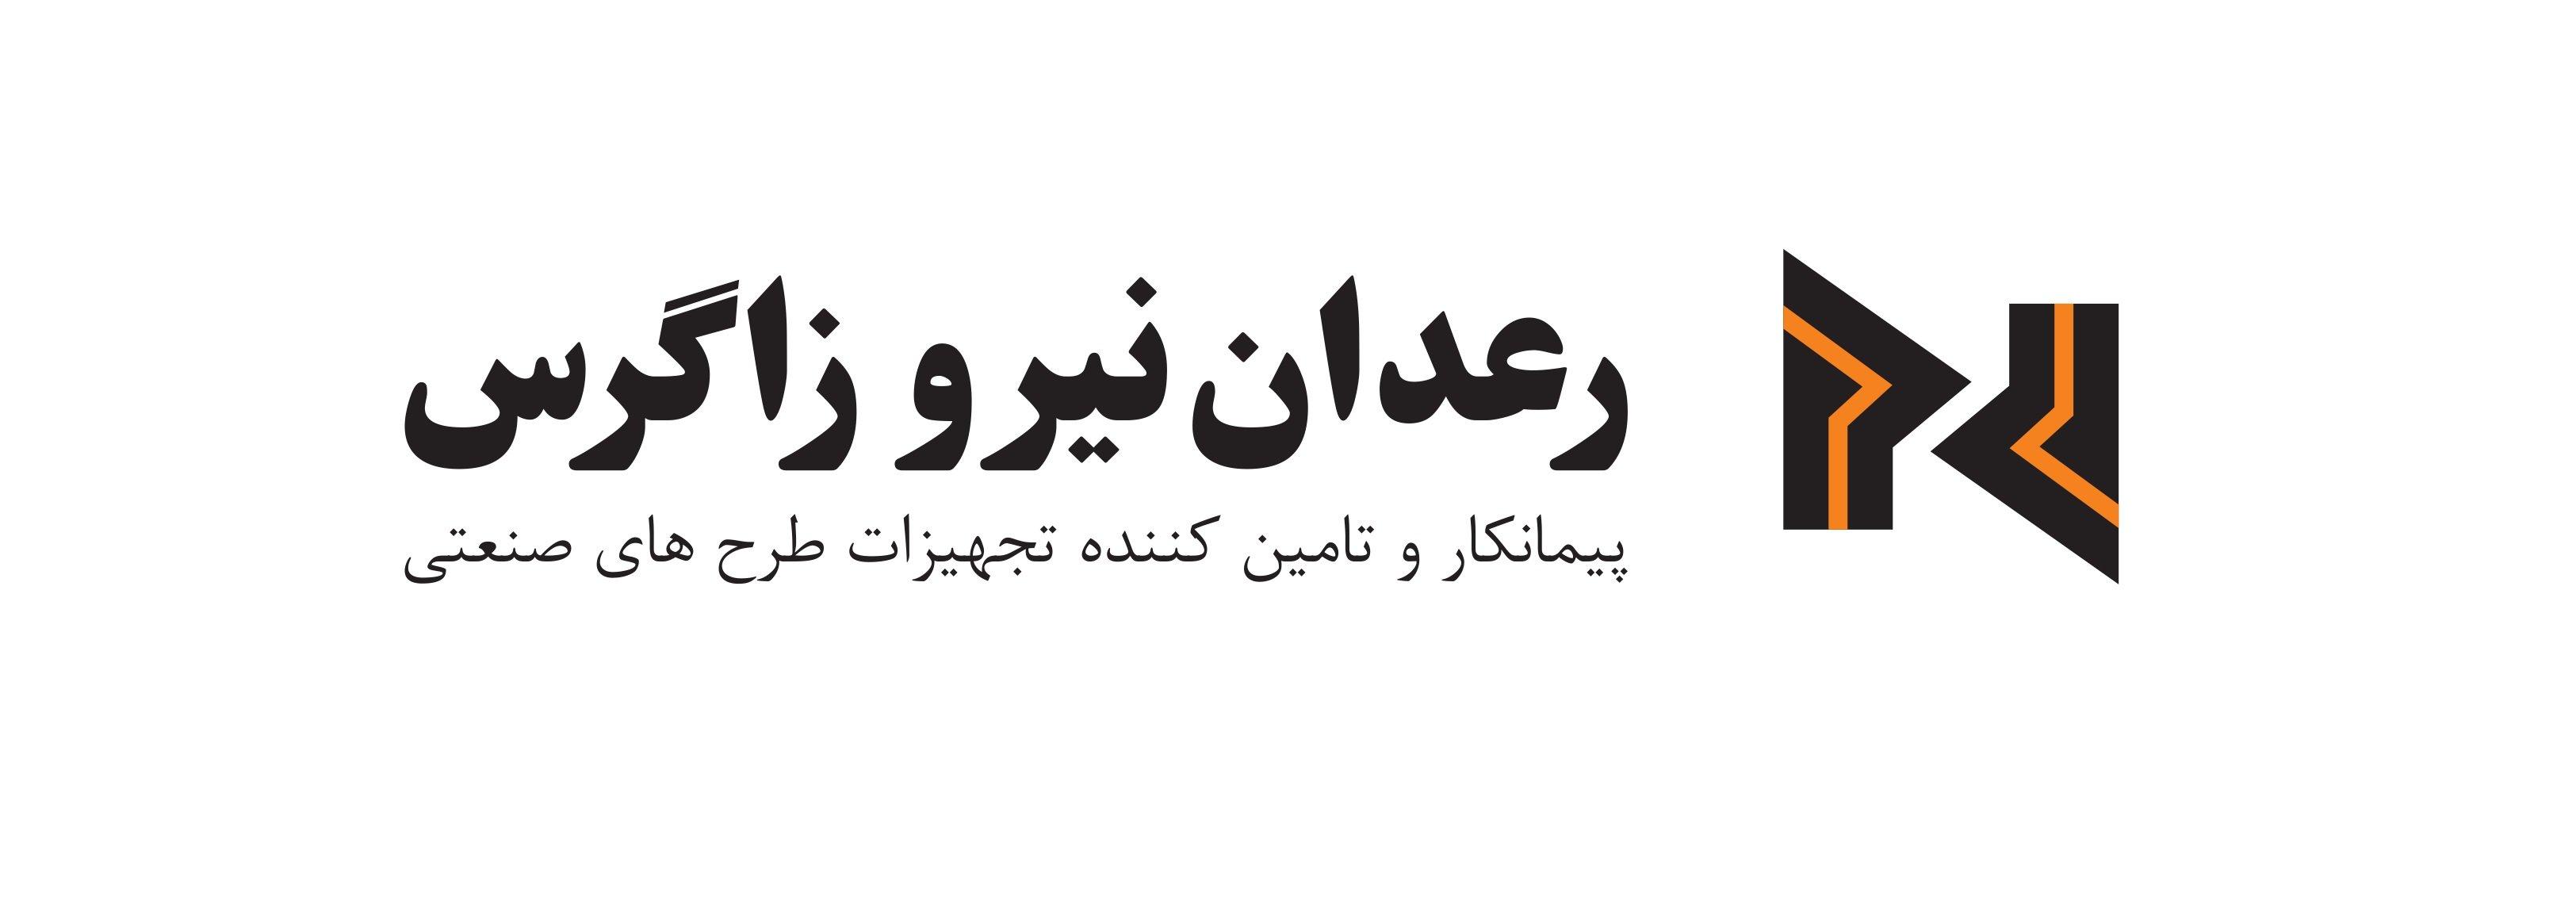 Jobs for Raadan Nirou Zagros